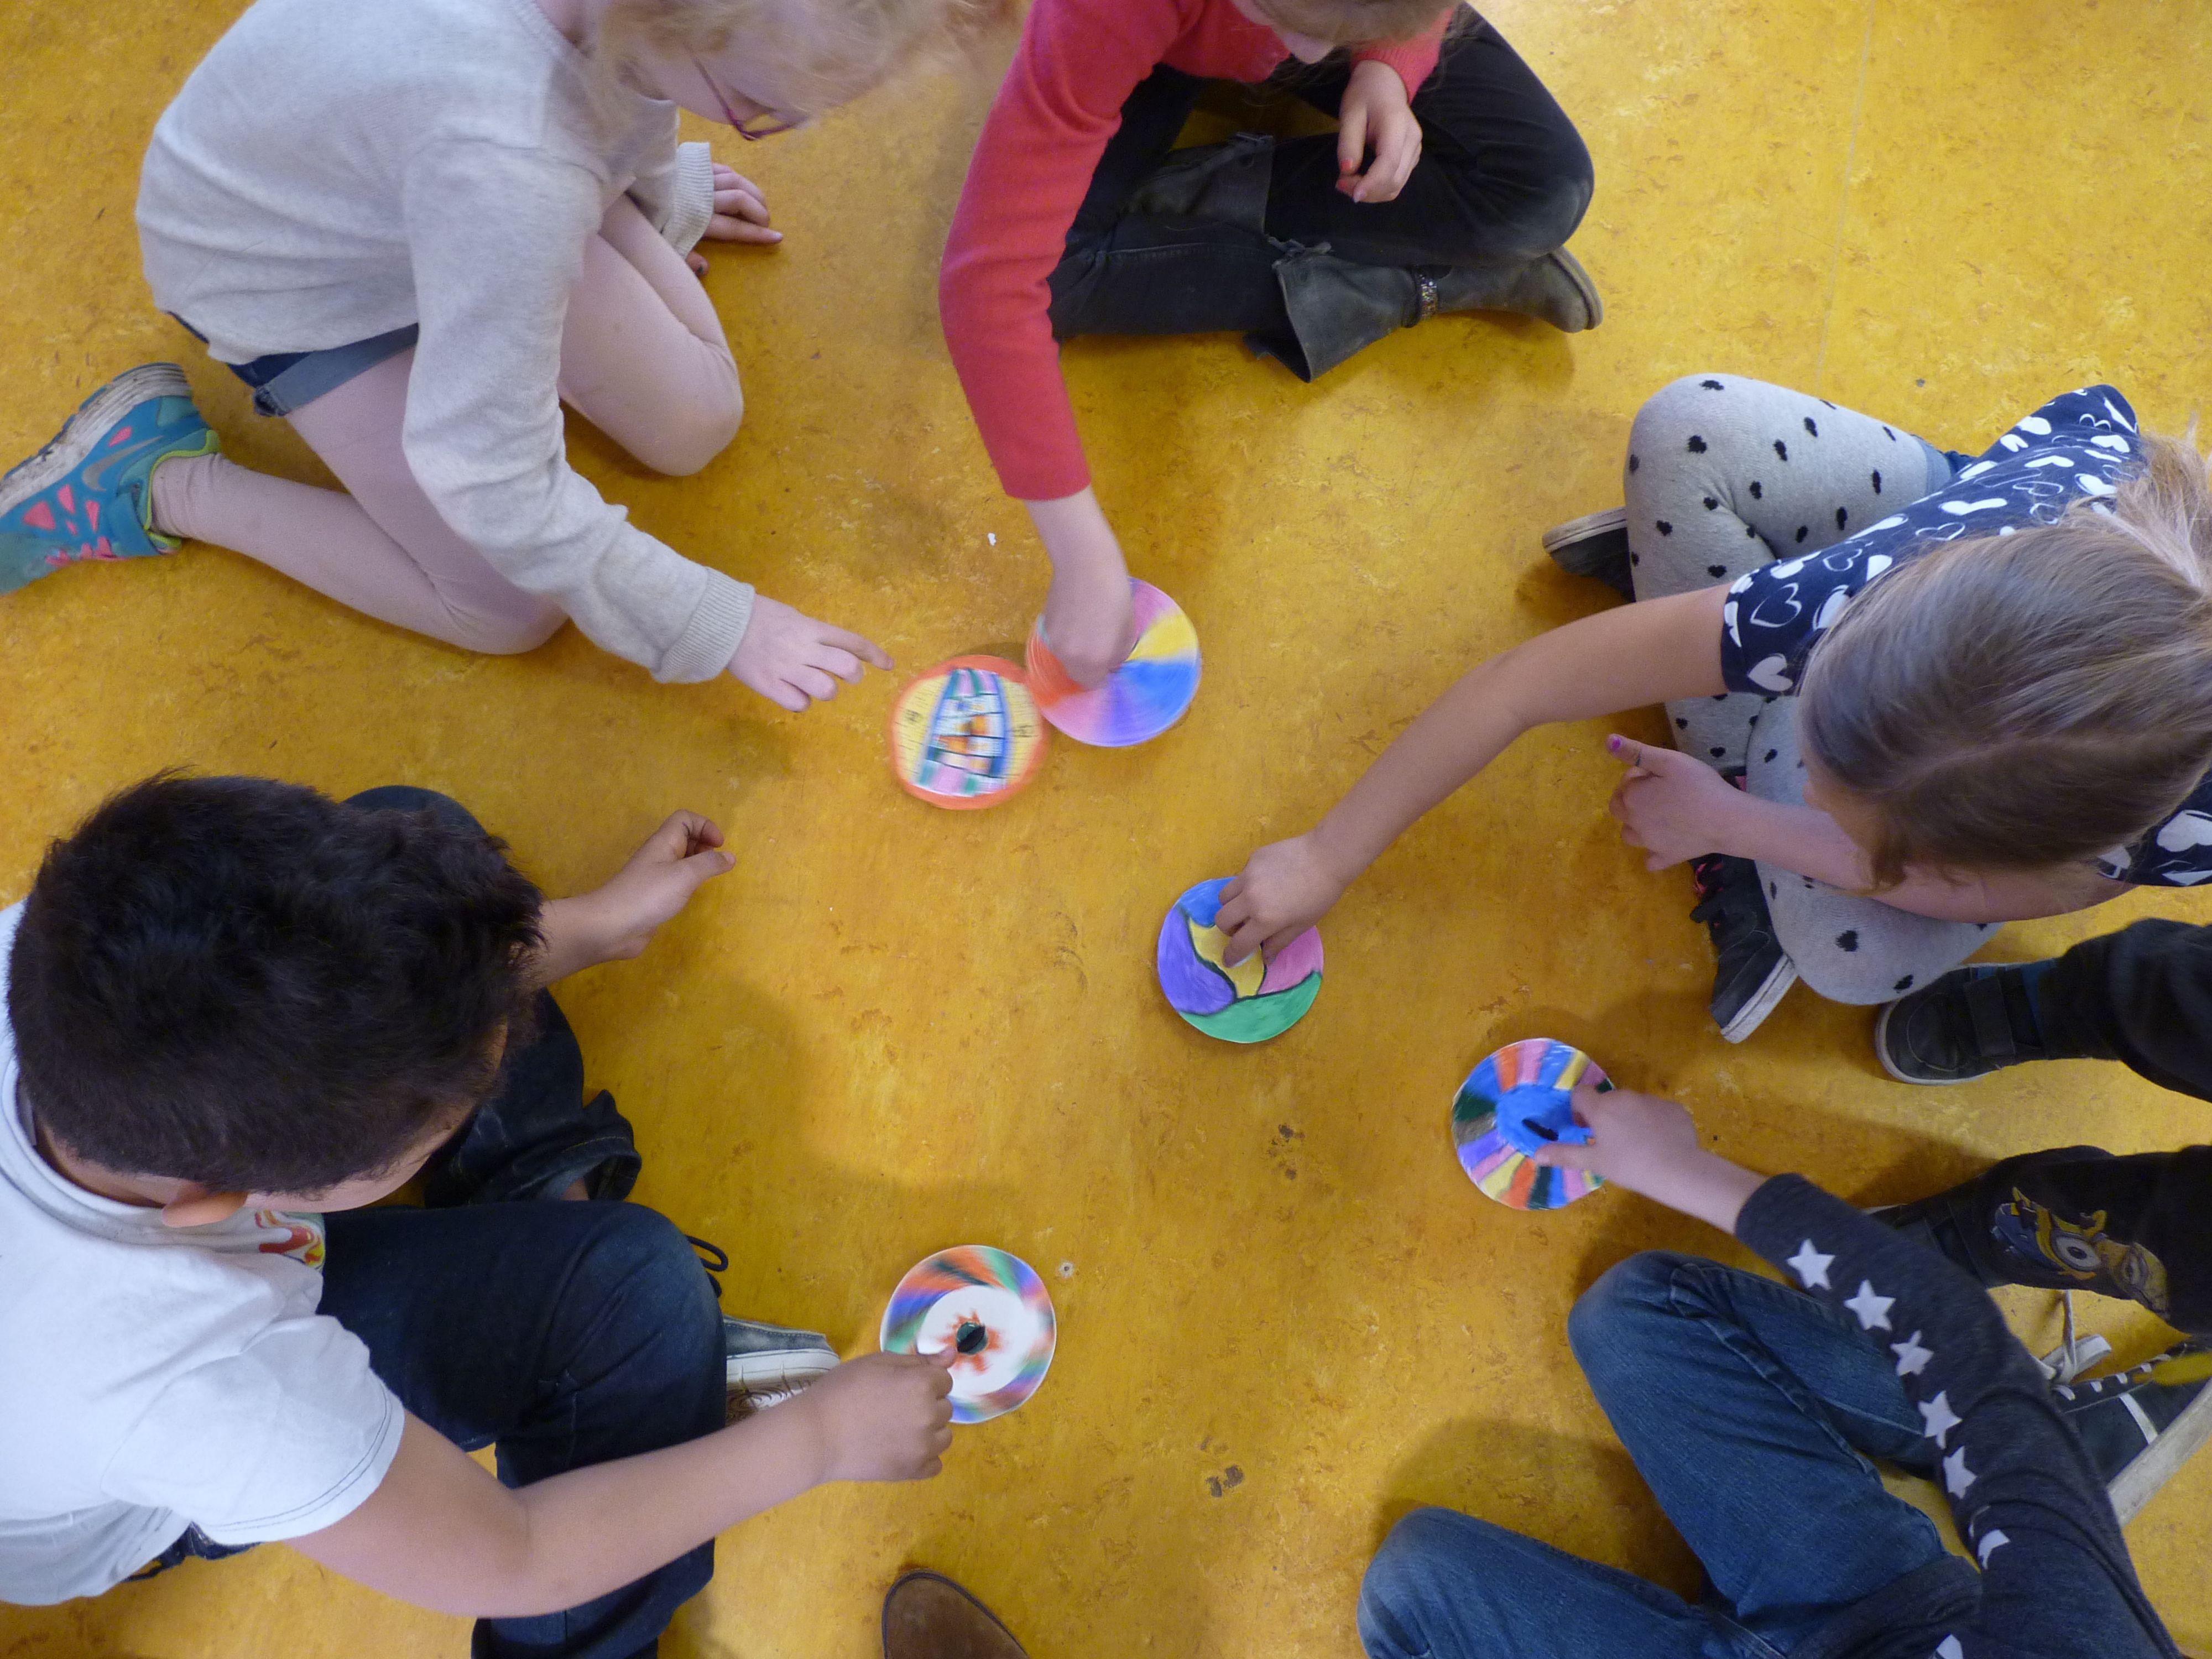 Draaiende planeten: cirkel van karton, mooi patroon met vilstift en een grote knoop om het te laten draaien!